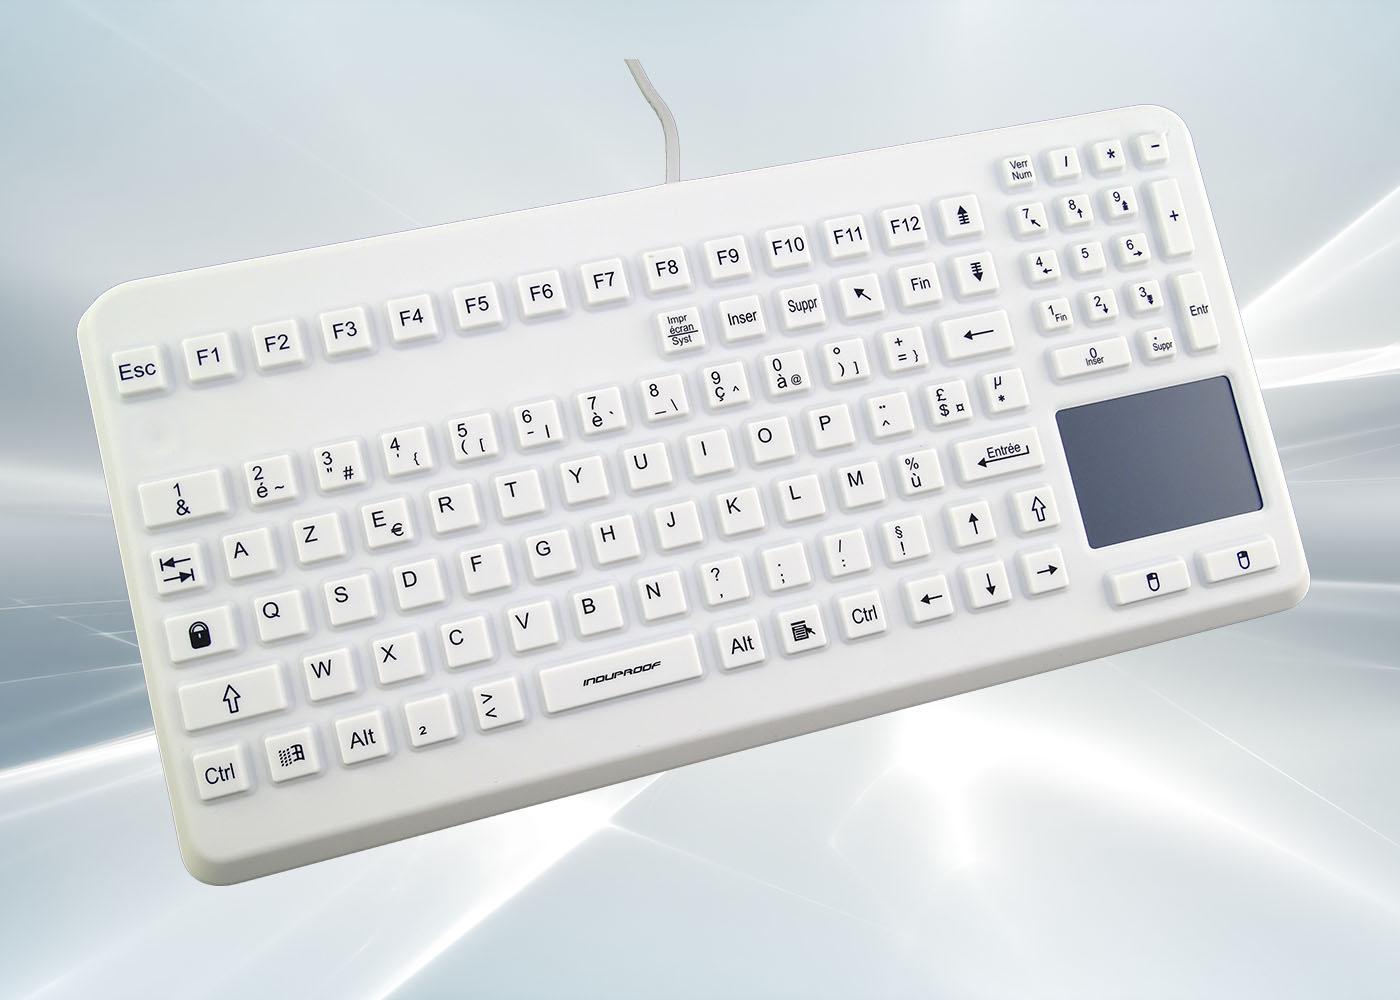 Clavier lavable 104 touches blanc étanche IP68 avec touchpad